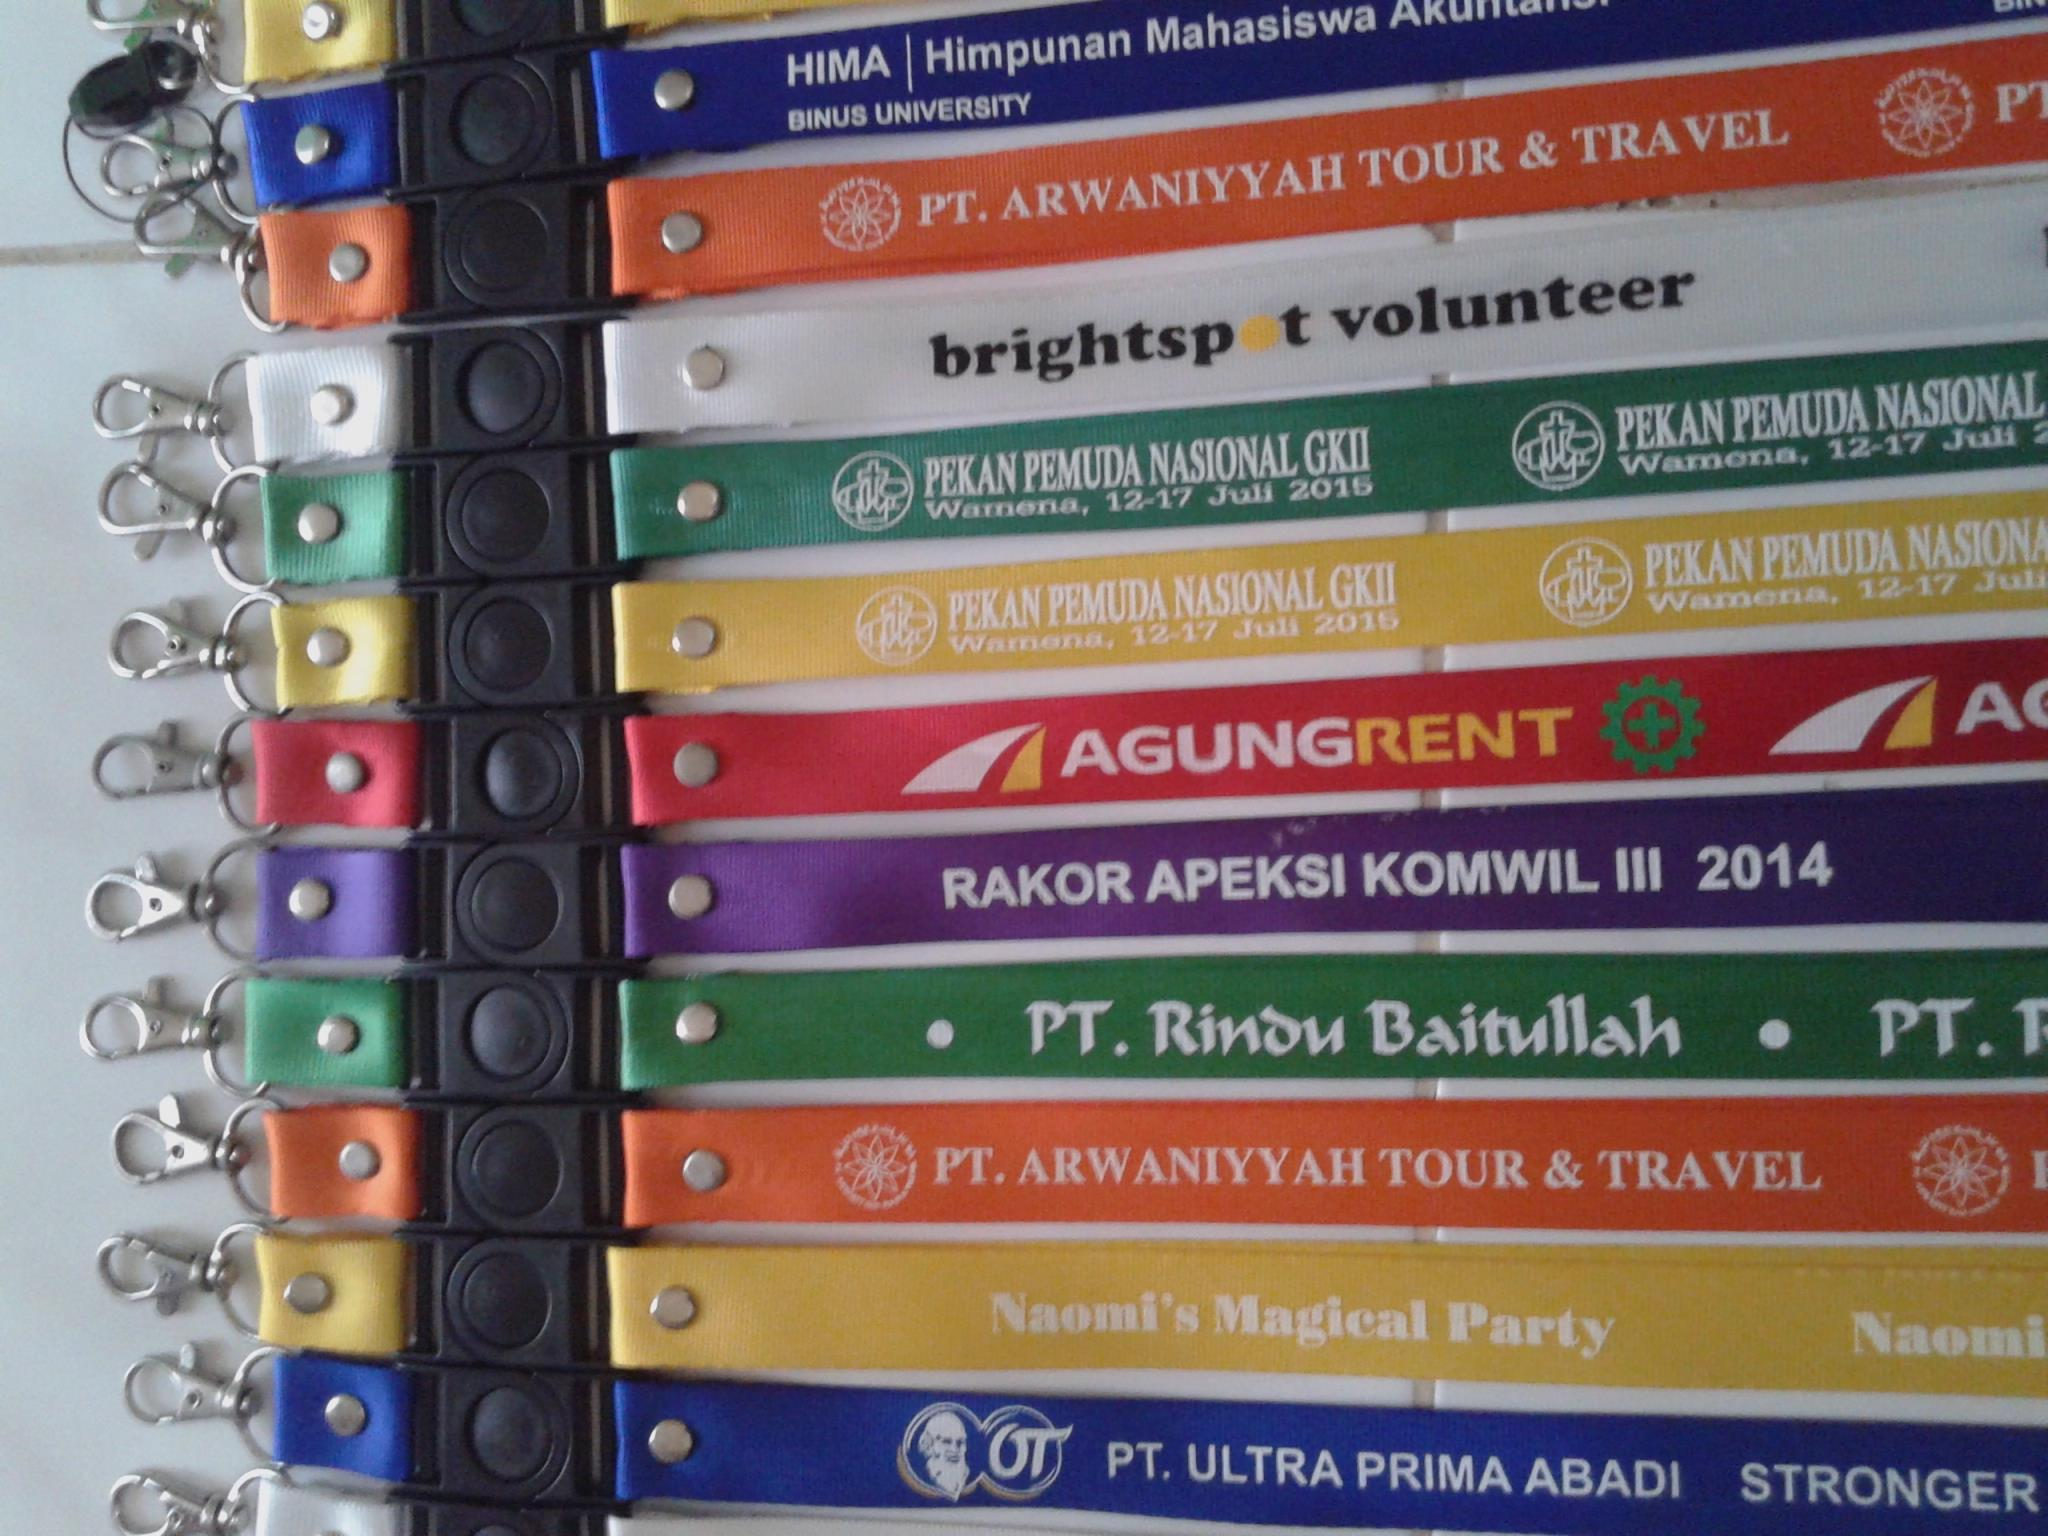 Jual Tali Id Card Bikin Agen Di Tangerang Yoyo Nametag Dan Harga Murah Oleh Toko Zeropromosi